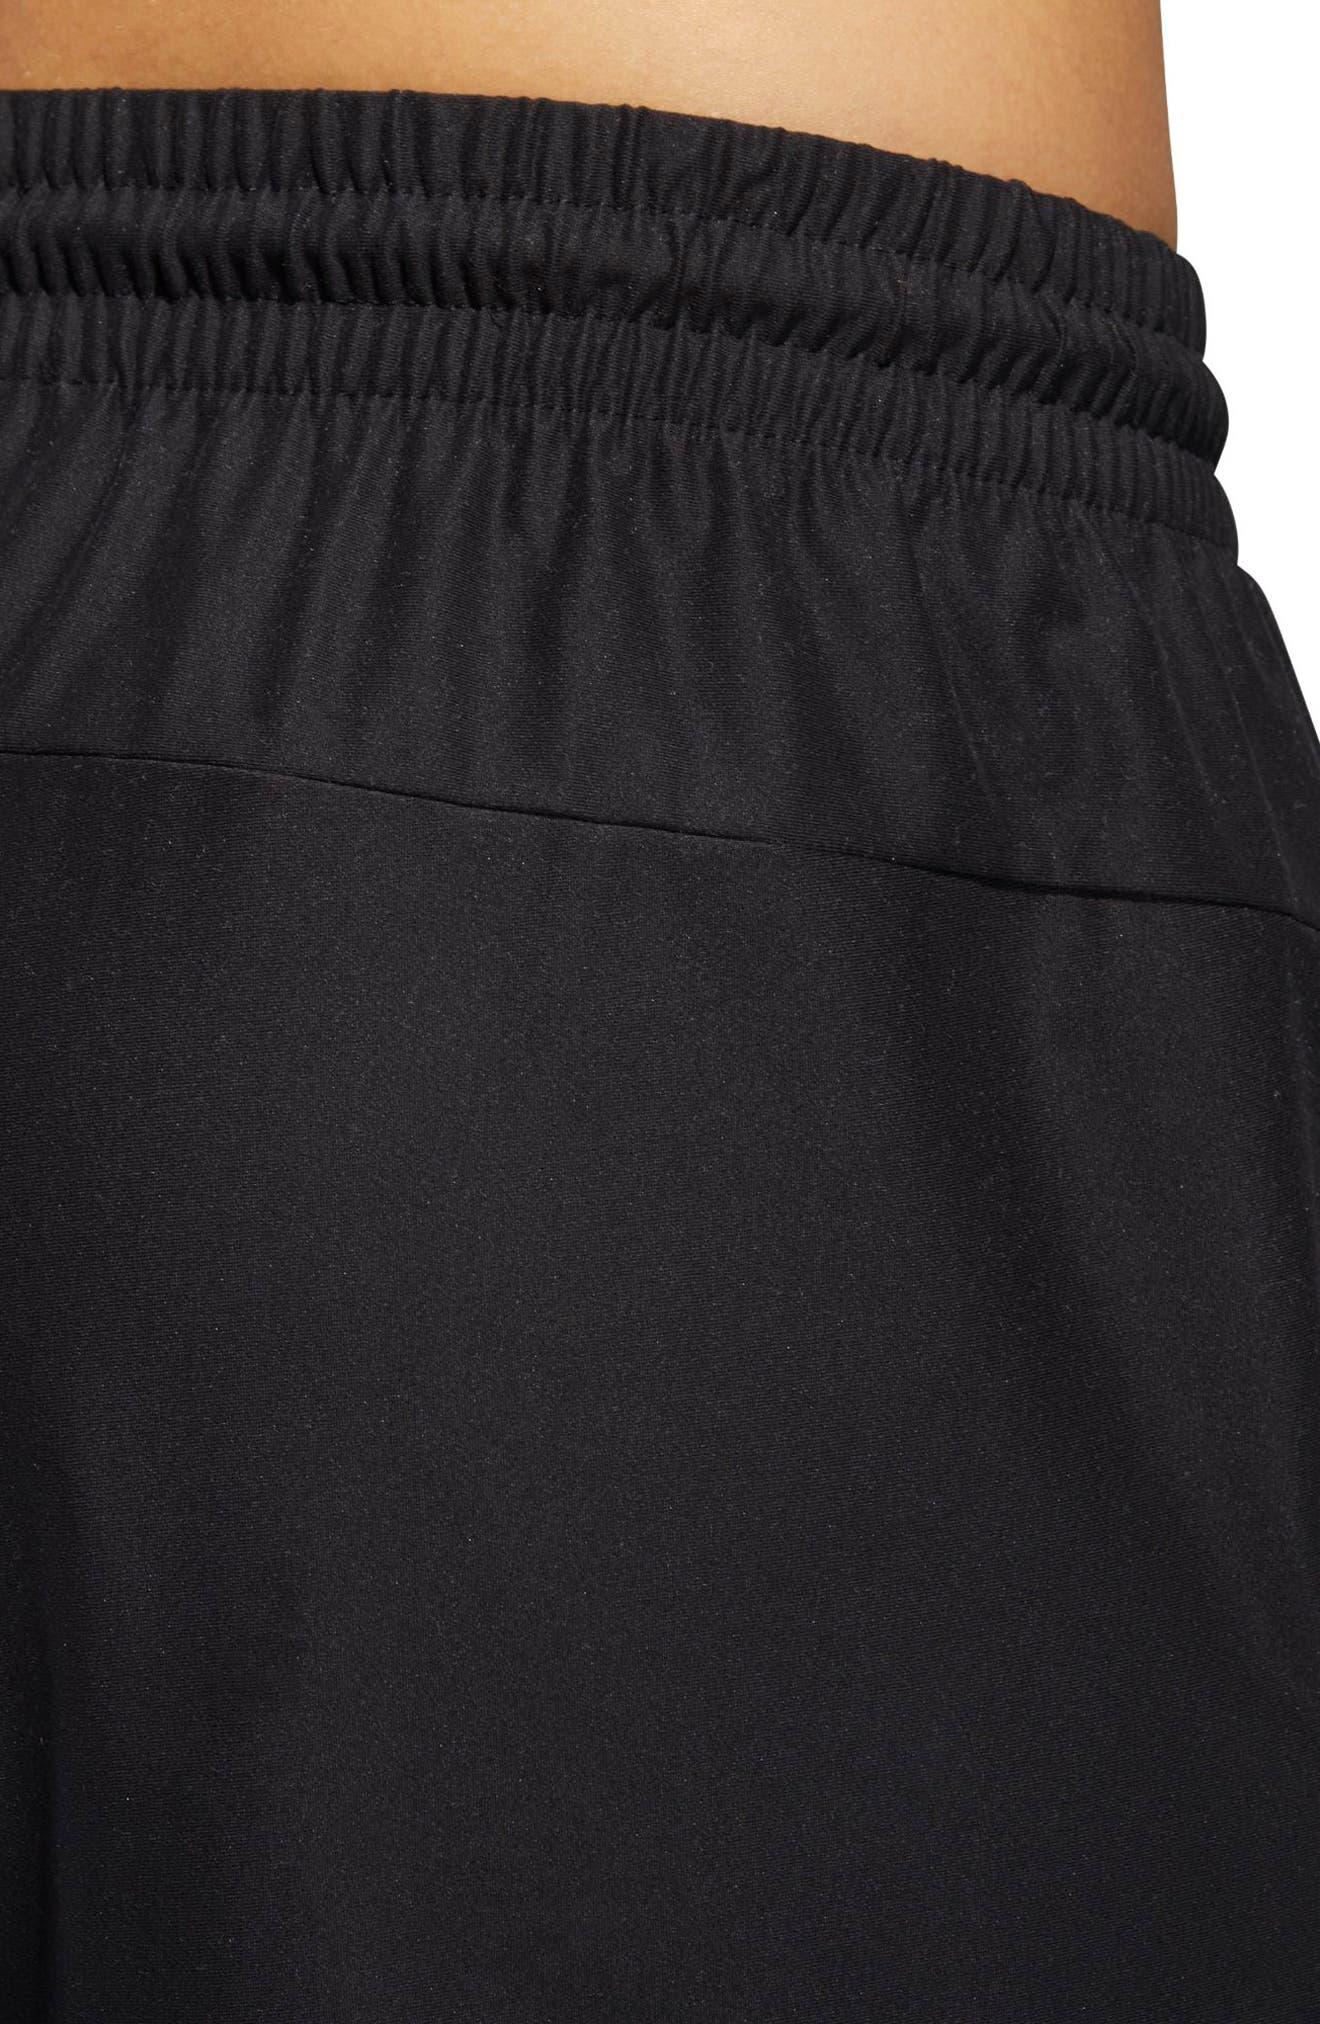 ID Mesh Shorts,                             Alternate thumbnail 7, color,                             001